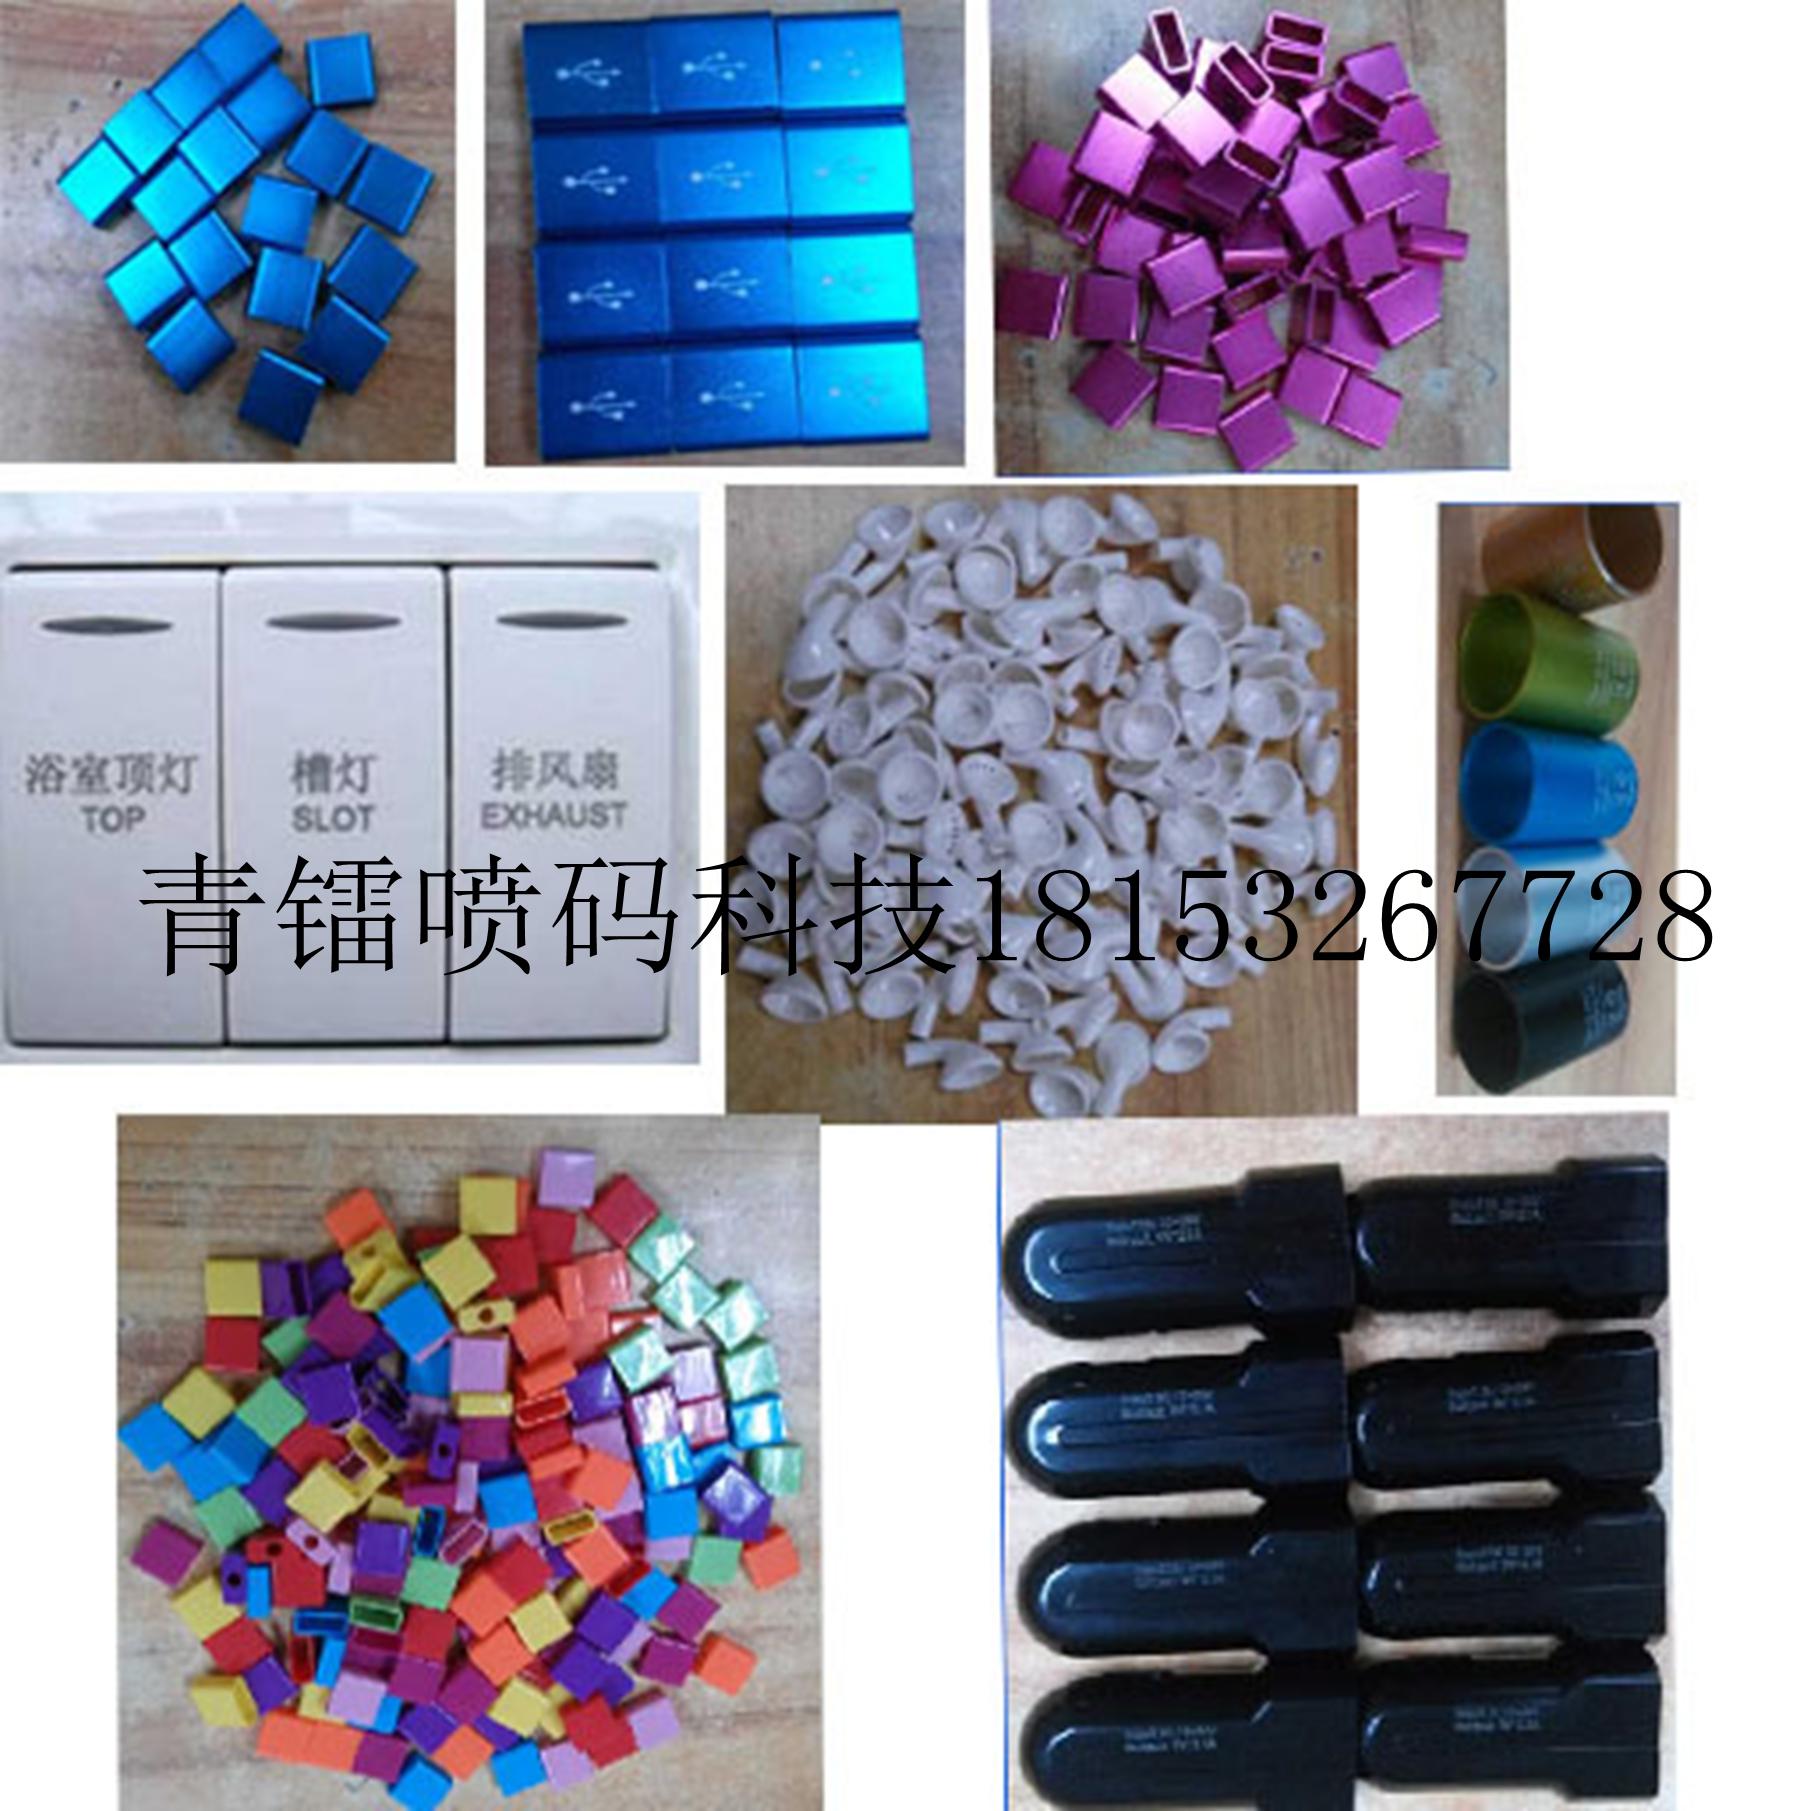 光纤激光打标机图片/光纤激光打标机样板图 (2)